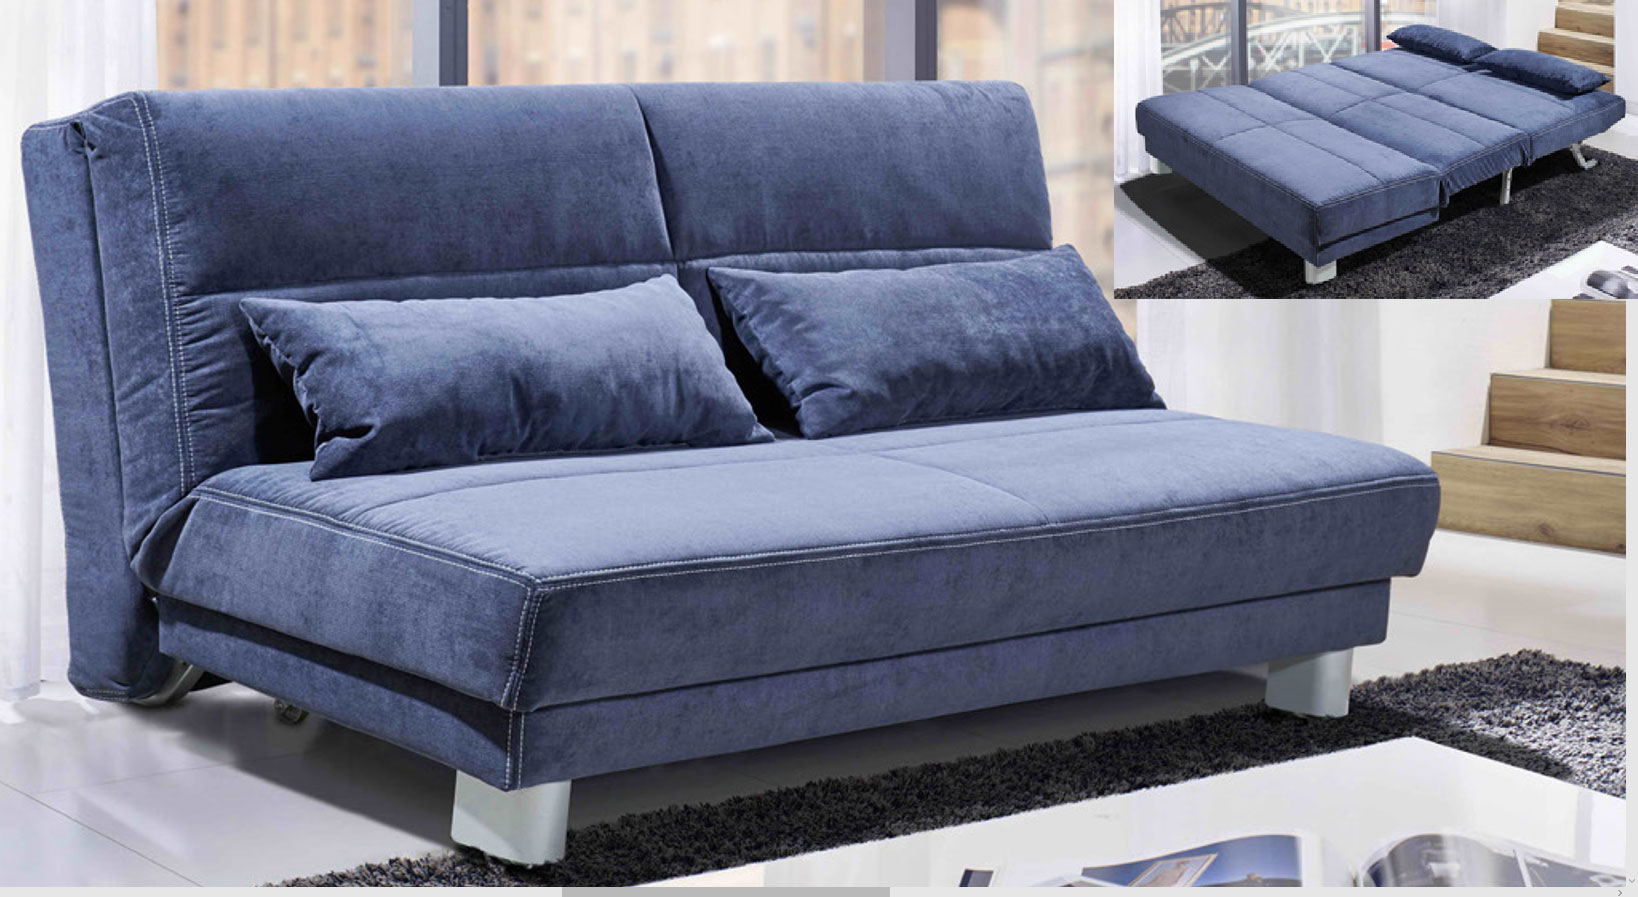 kinderzimmer kinderzimmerm bel g nstig online kaufen m belmeile24. Black Bedroom Furniture Sets. Home Design Ideas